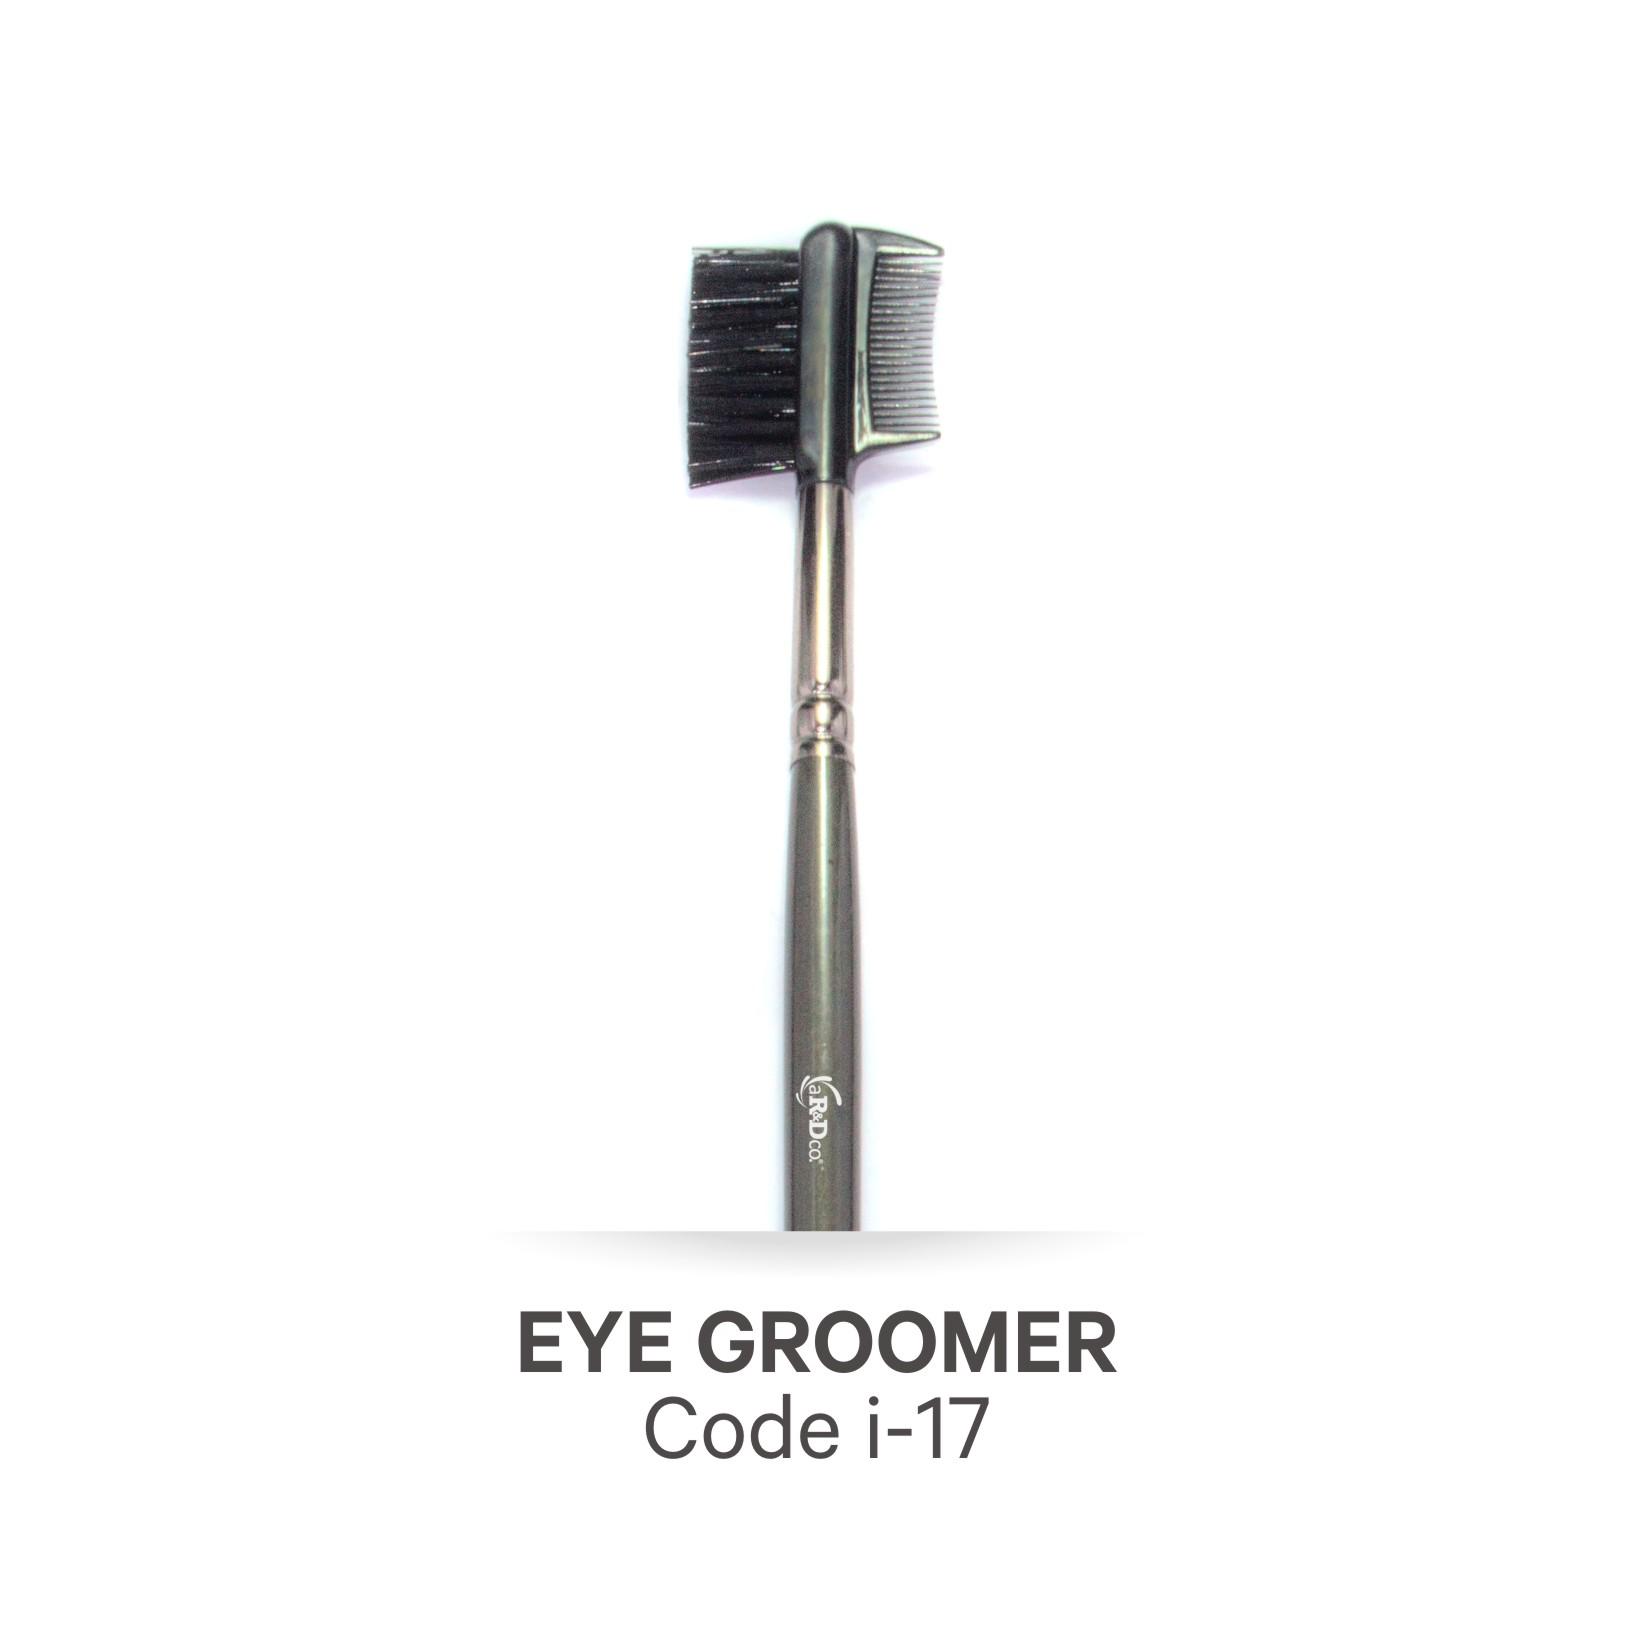 EYE GROOMER